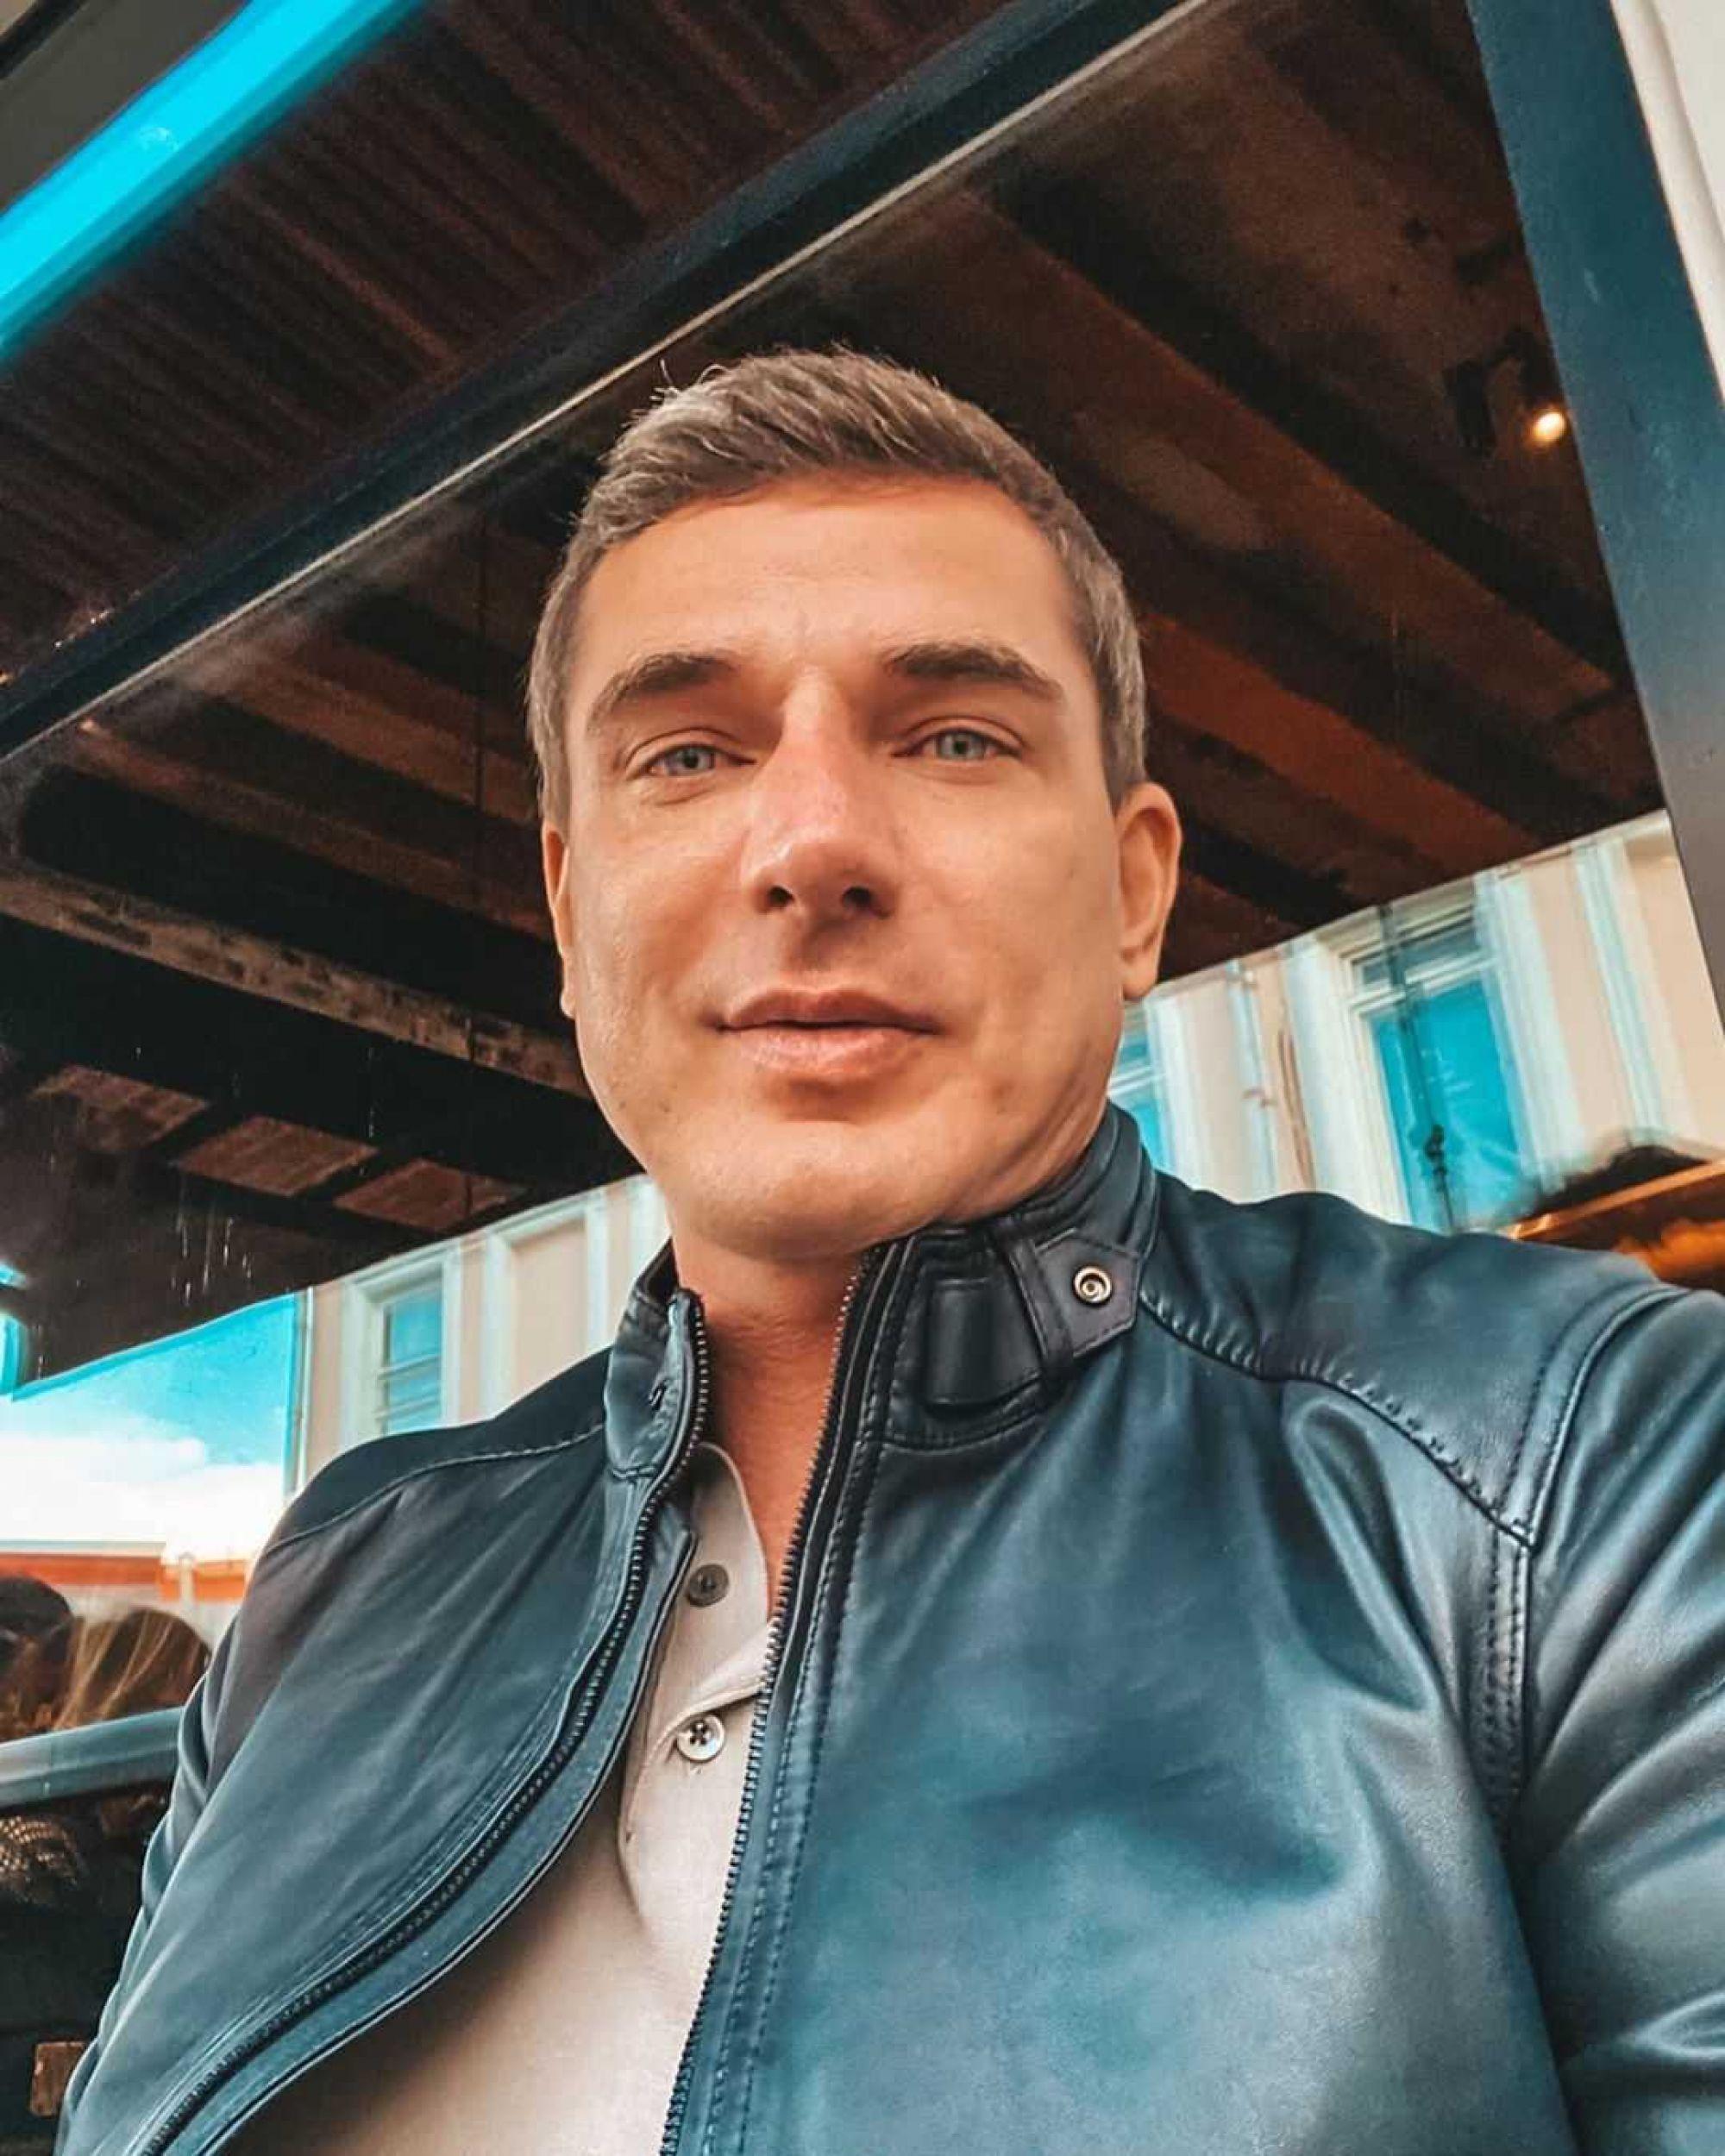 «Мне все равно ее не переплюнуть!»: Курбан Омаров прокомментировал благосостояние супруги